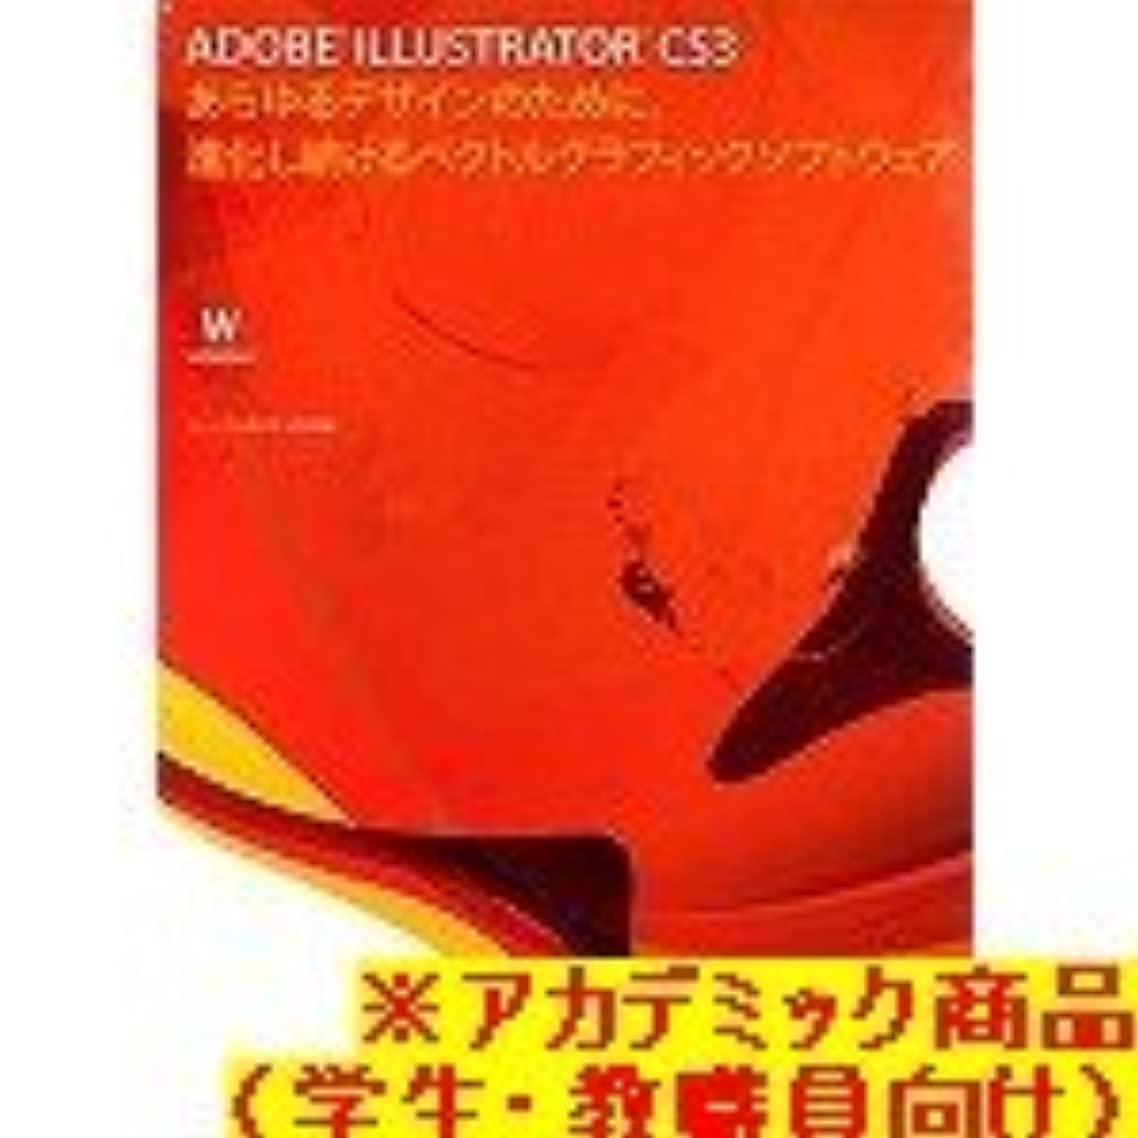 警察署結婚した居眠りする【Win版】Adobe Illustrator CS3.0 (V13.0) 日本語版 Windows版 アカデミック(学生?教職員向け) ※CS4製品への無償アップグレード対象商品(2009年2月9日申し込み分まで)